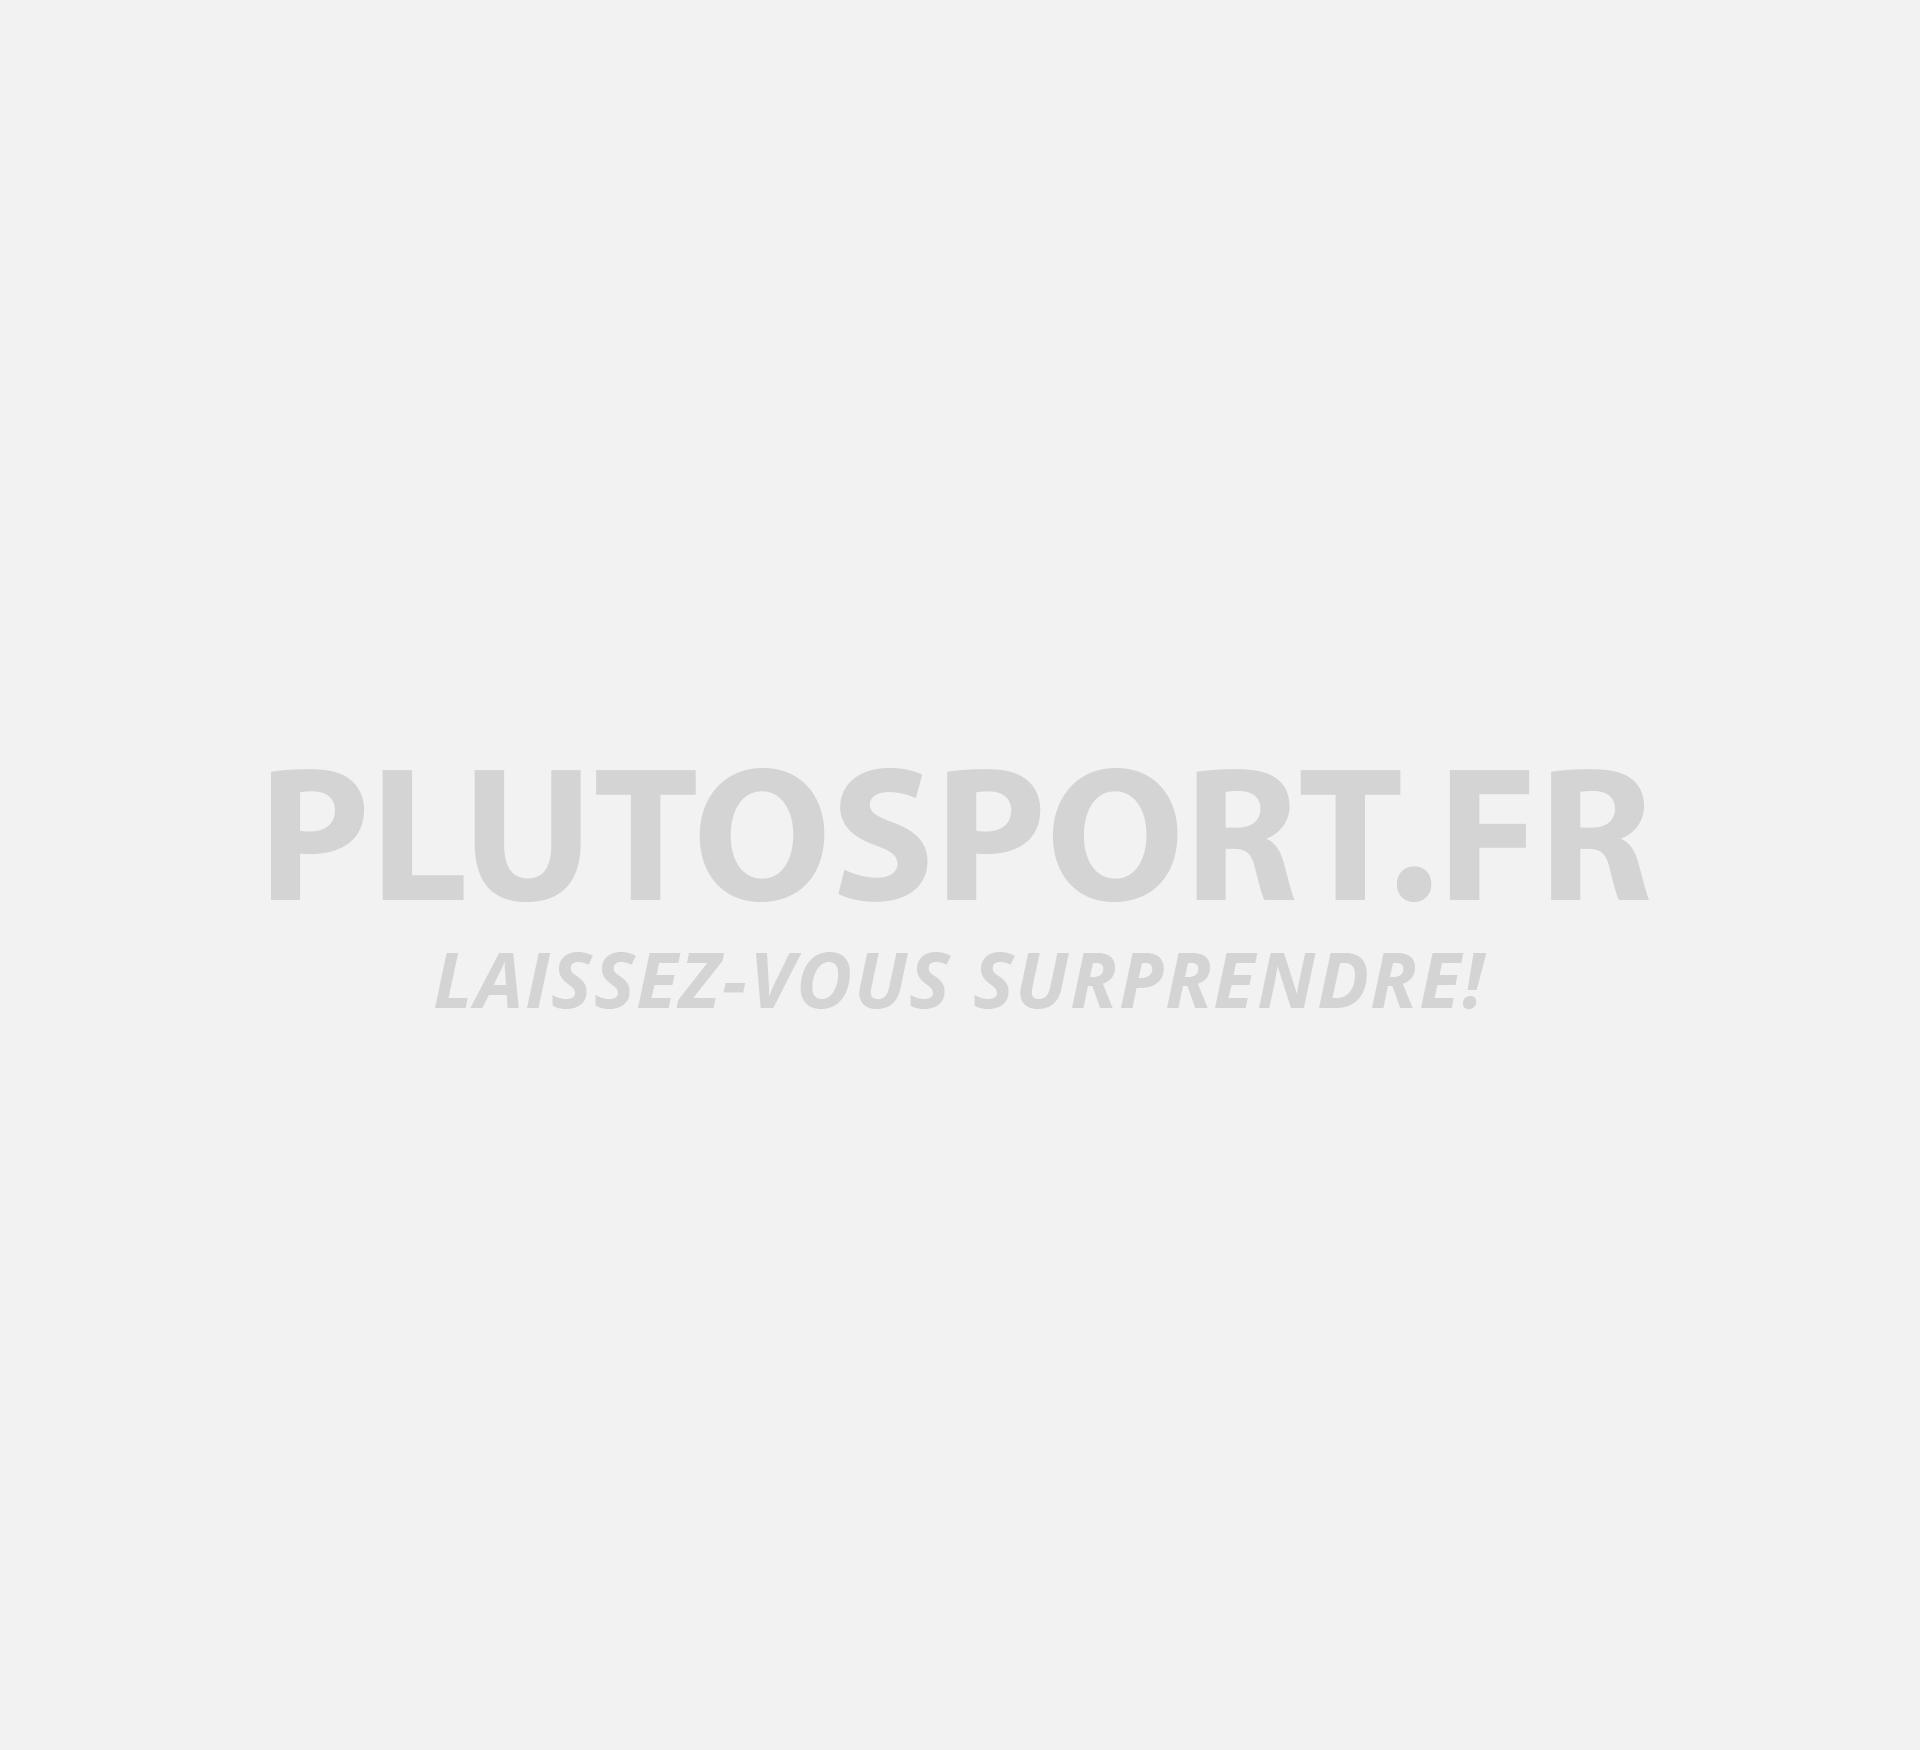 Raquette de tennis Babolat Ballfighter 19